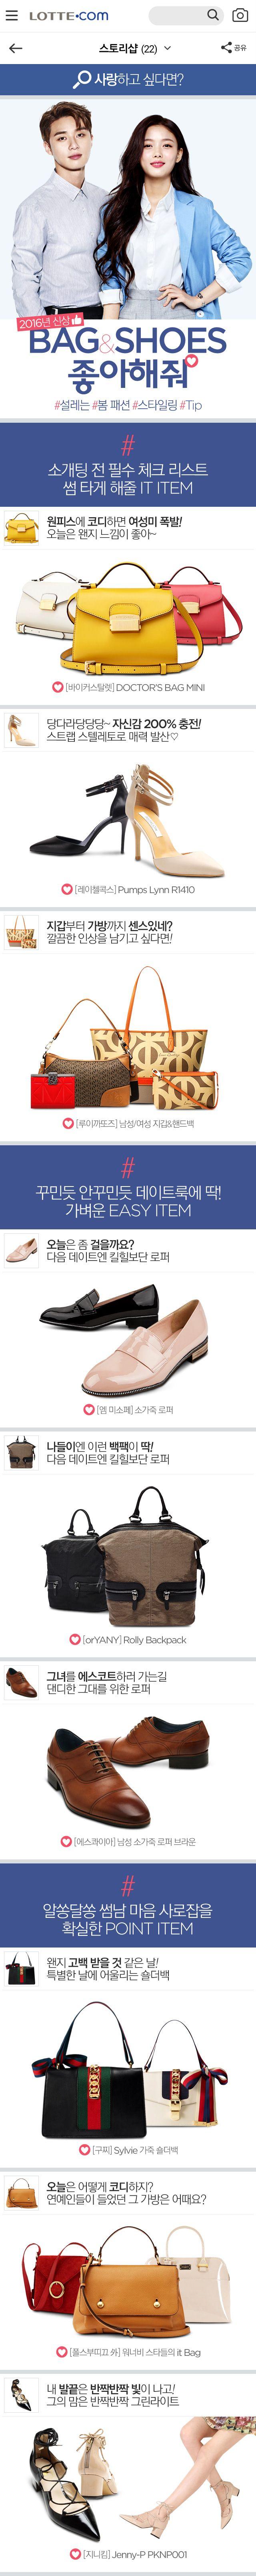 스토리샵_160308_Designed by 신현